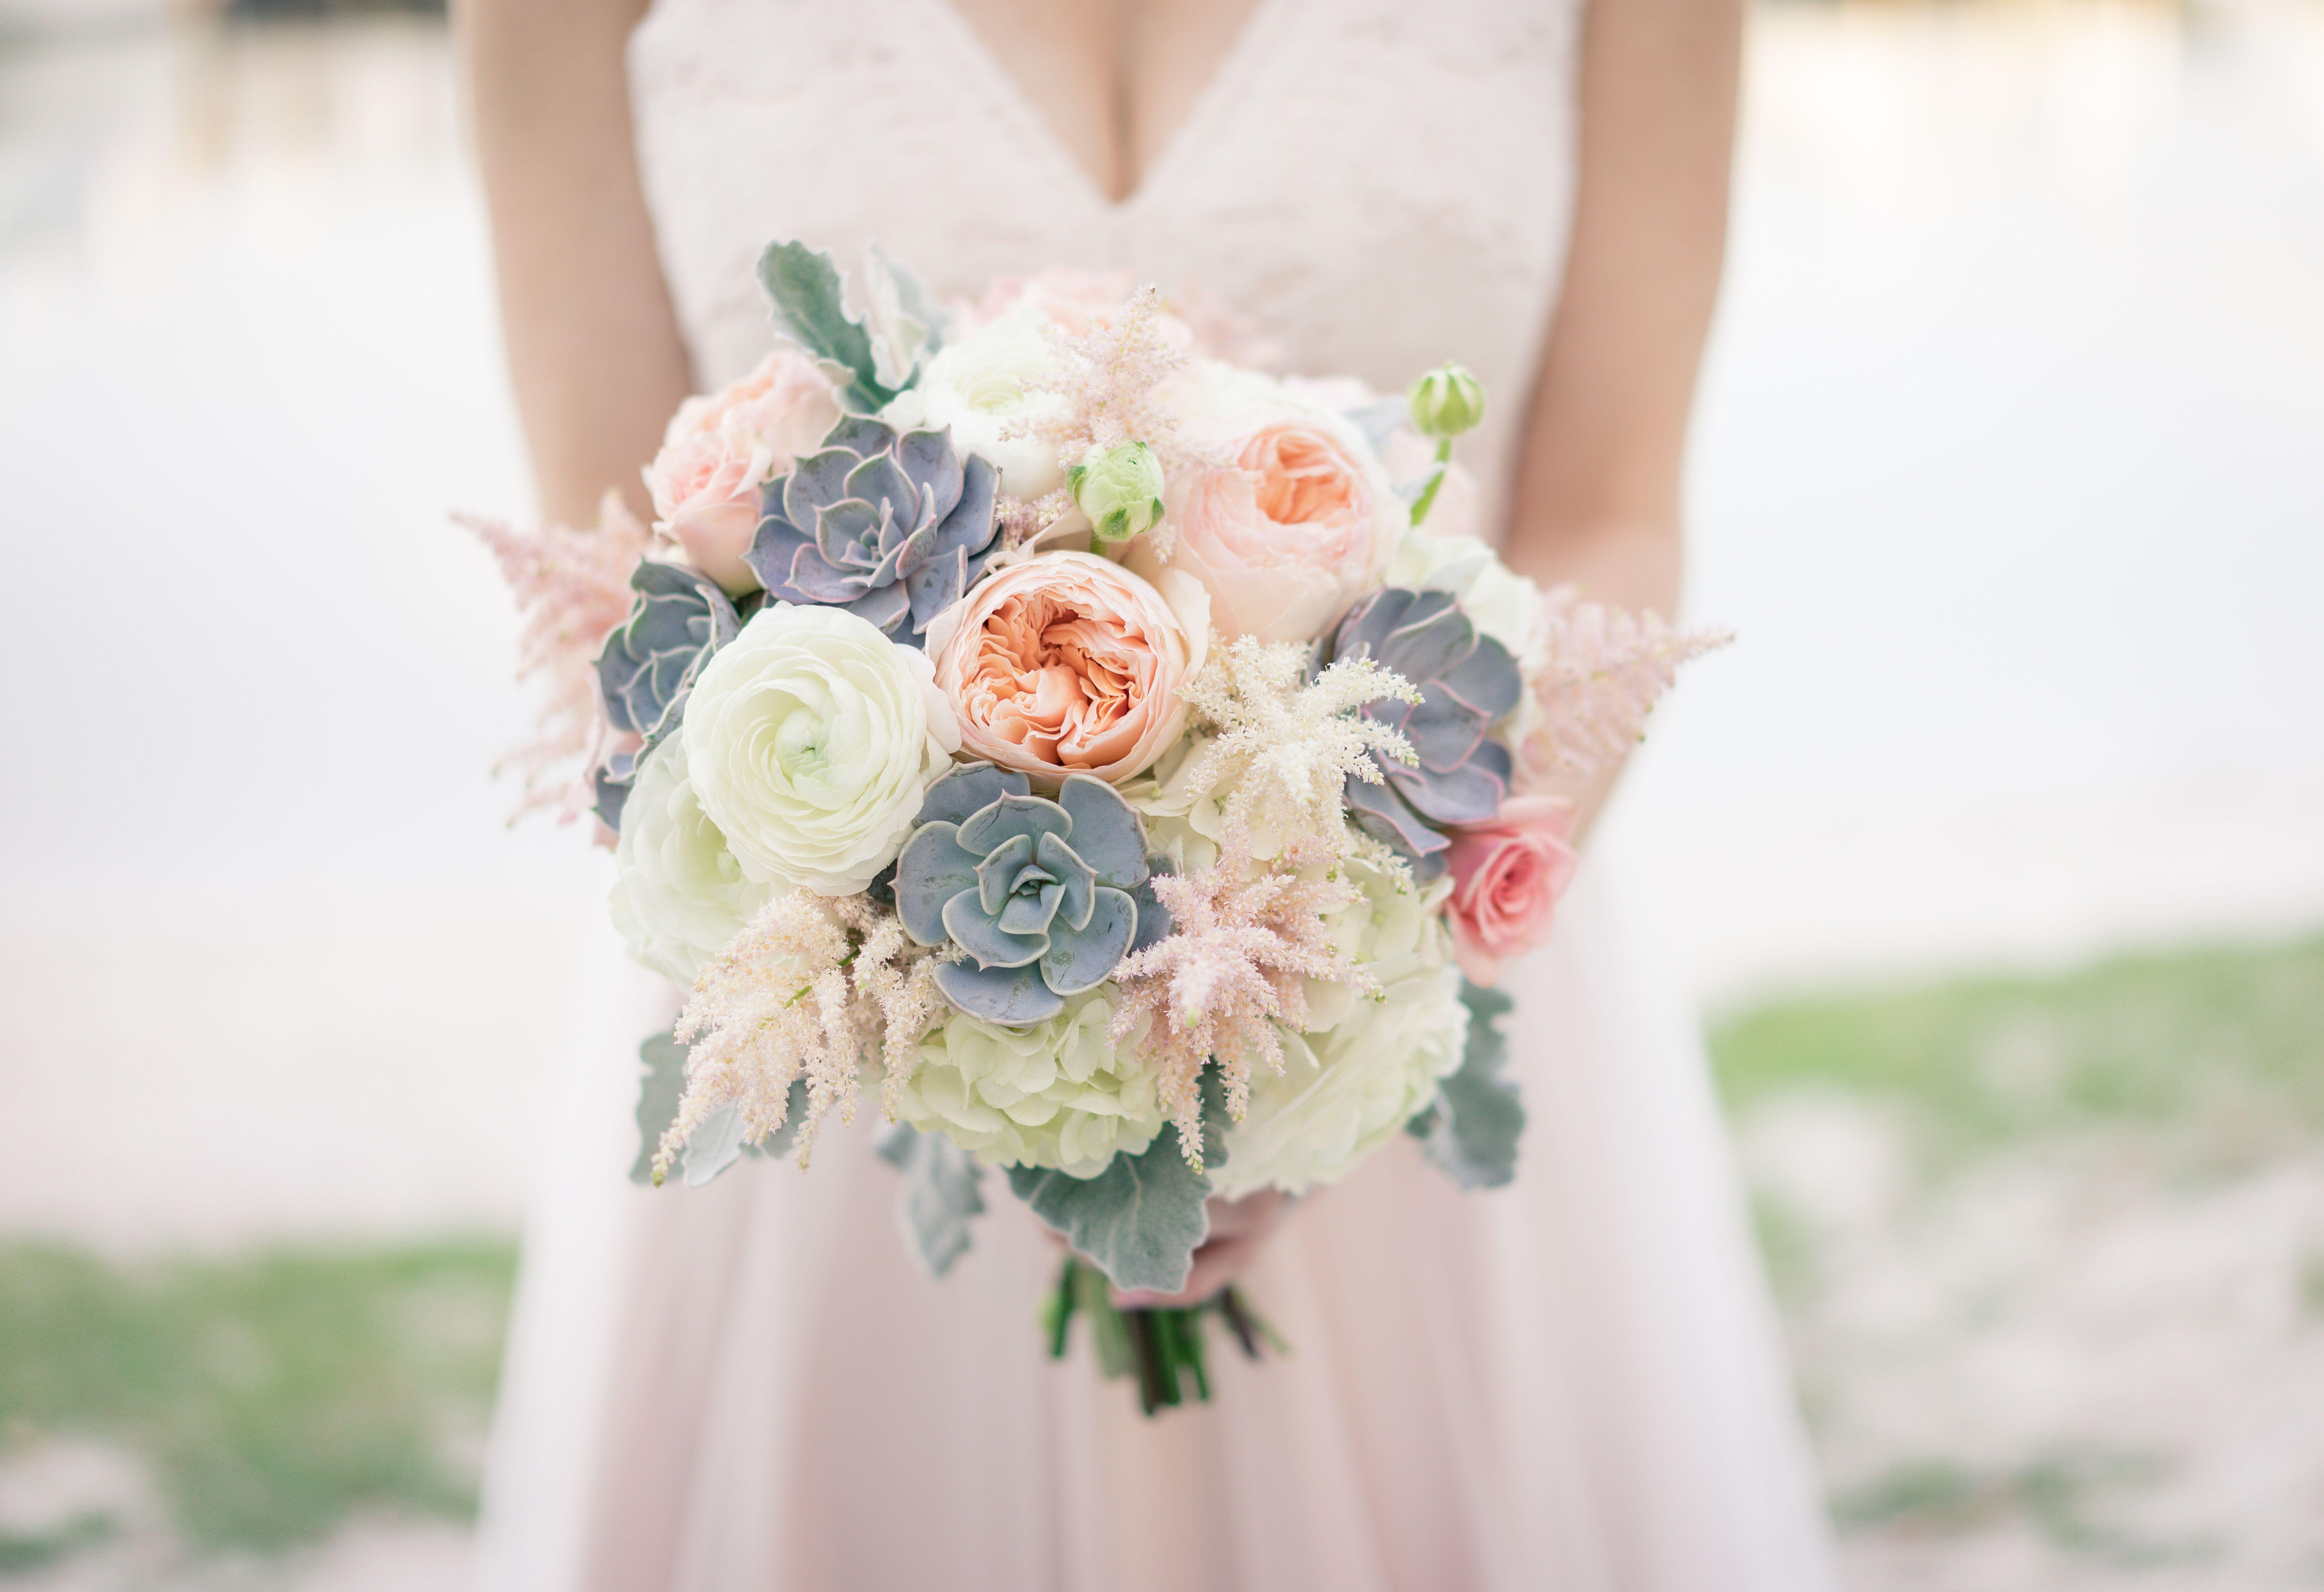 White wedding bridal arrangement with bbc - 2 4